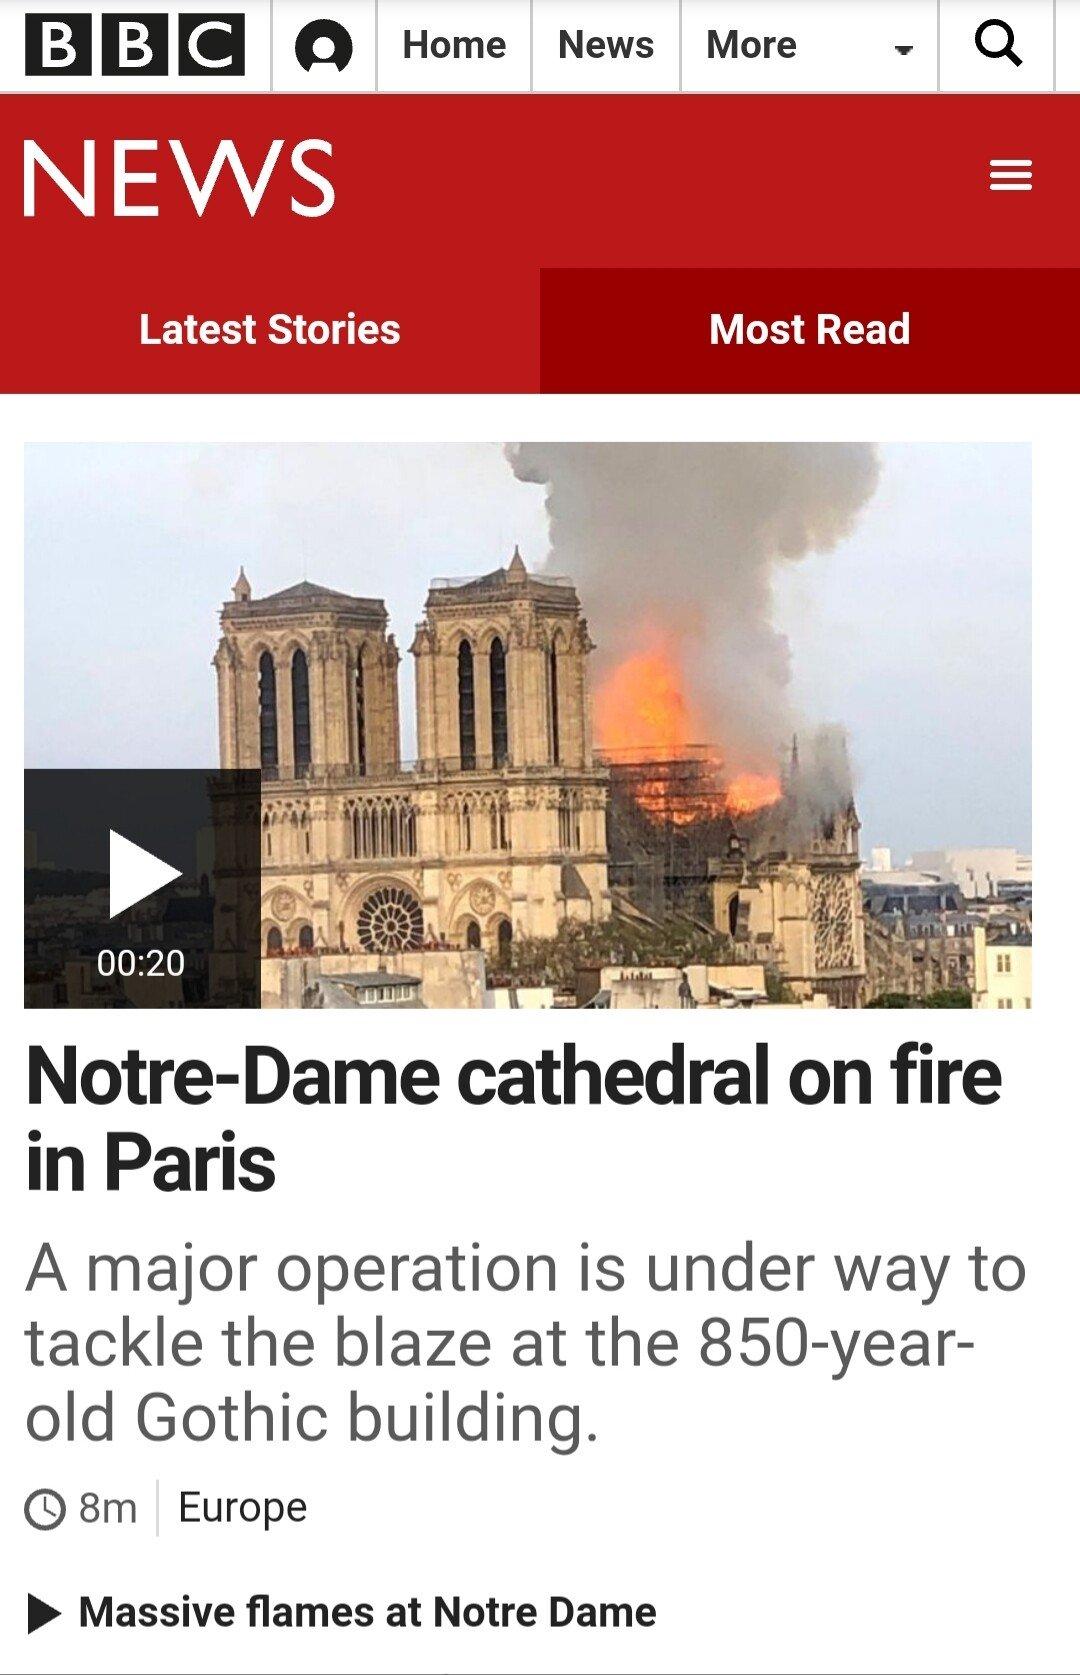 20190416_025002.jpg 세계 주요 언론사들의 뉴스 메인 상황.jpg